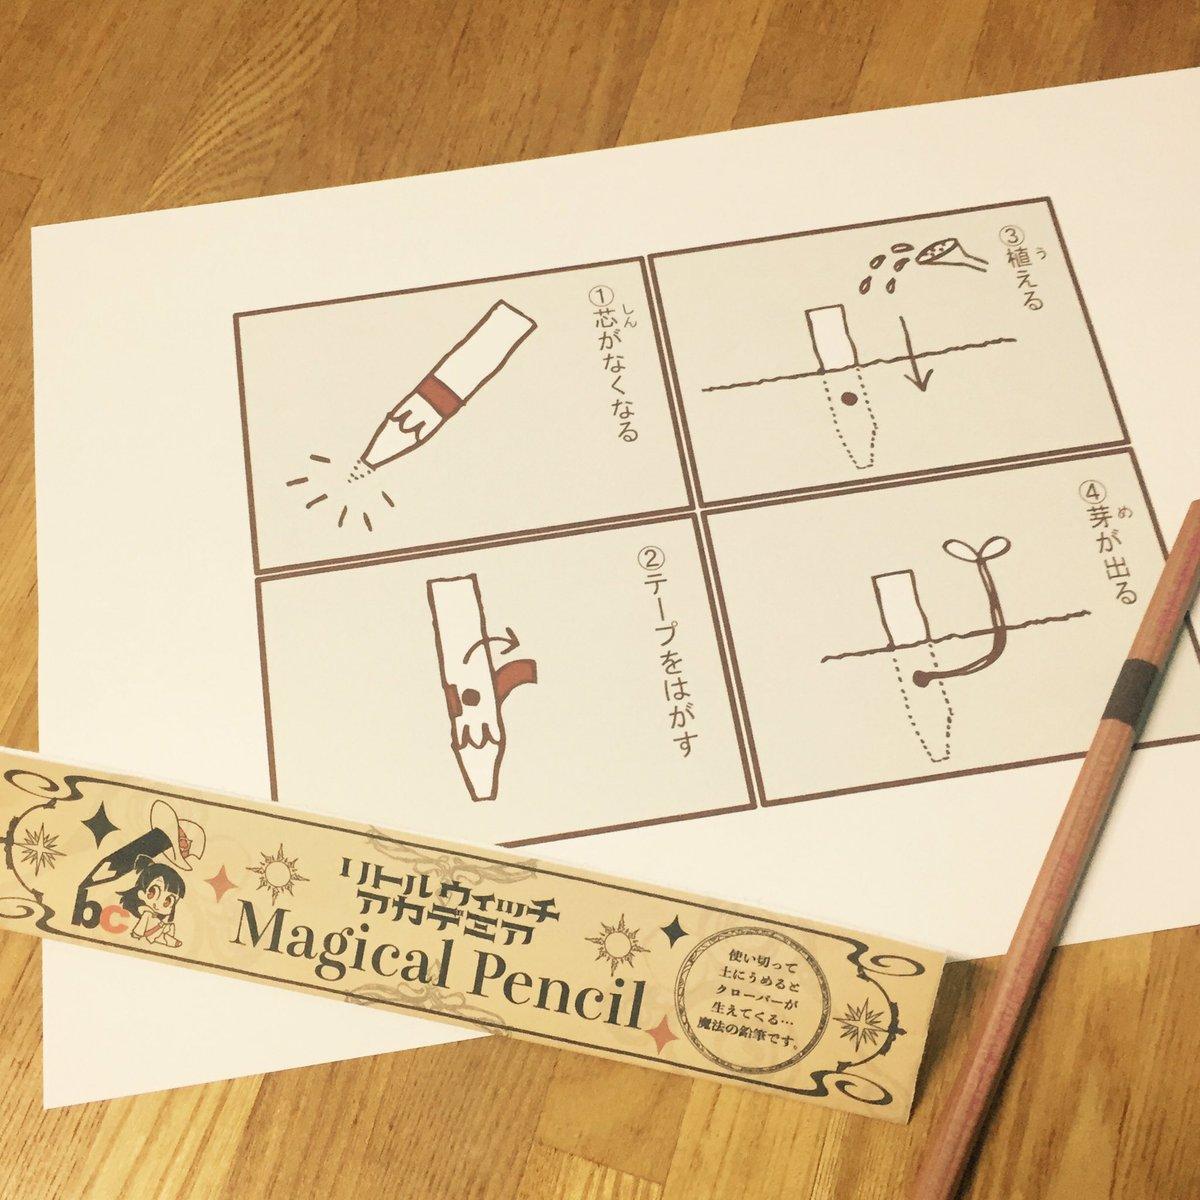 文房具カフェで大人気「花咲く色鉛筆」のLWAコラボ限定バージョンが登場!アッコが色鉛筆に魔法をかけてくれました。あなたの